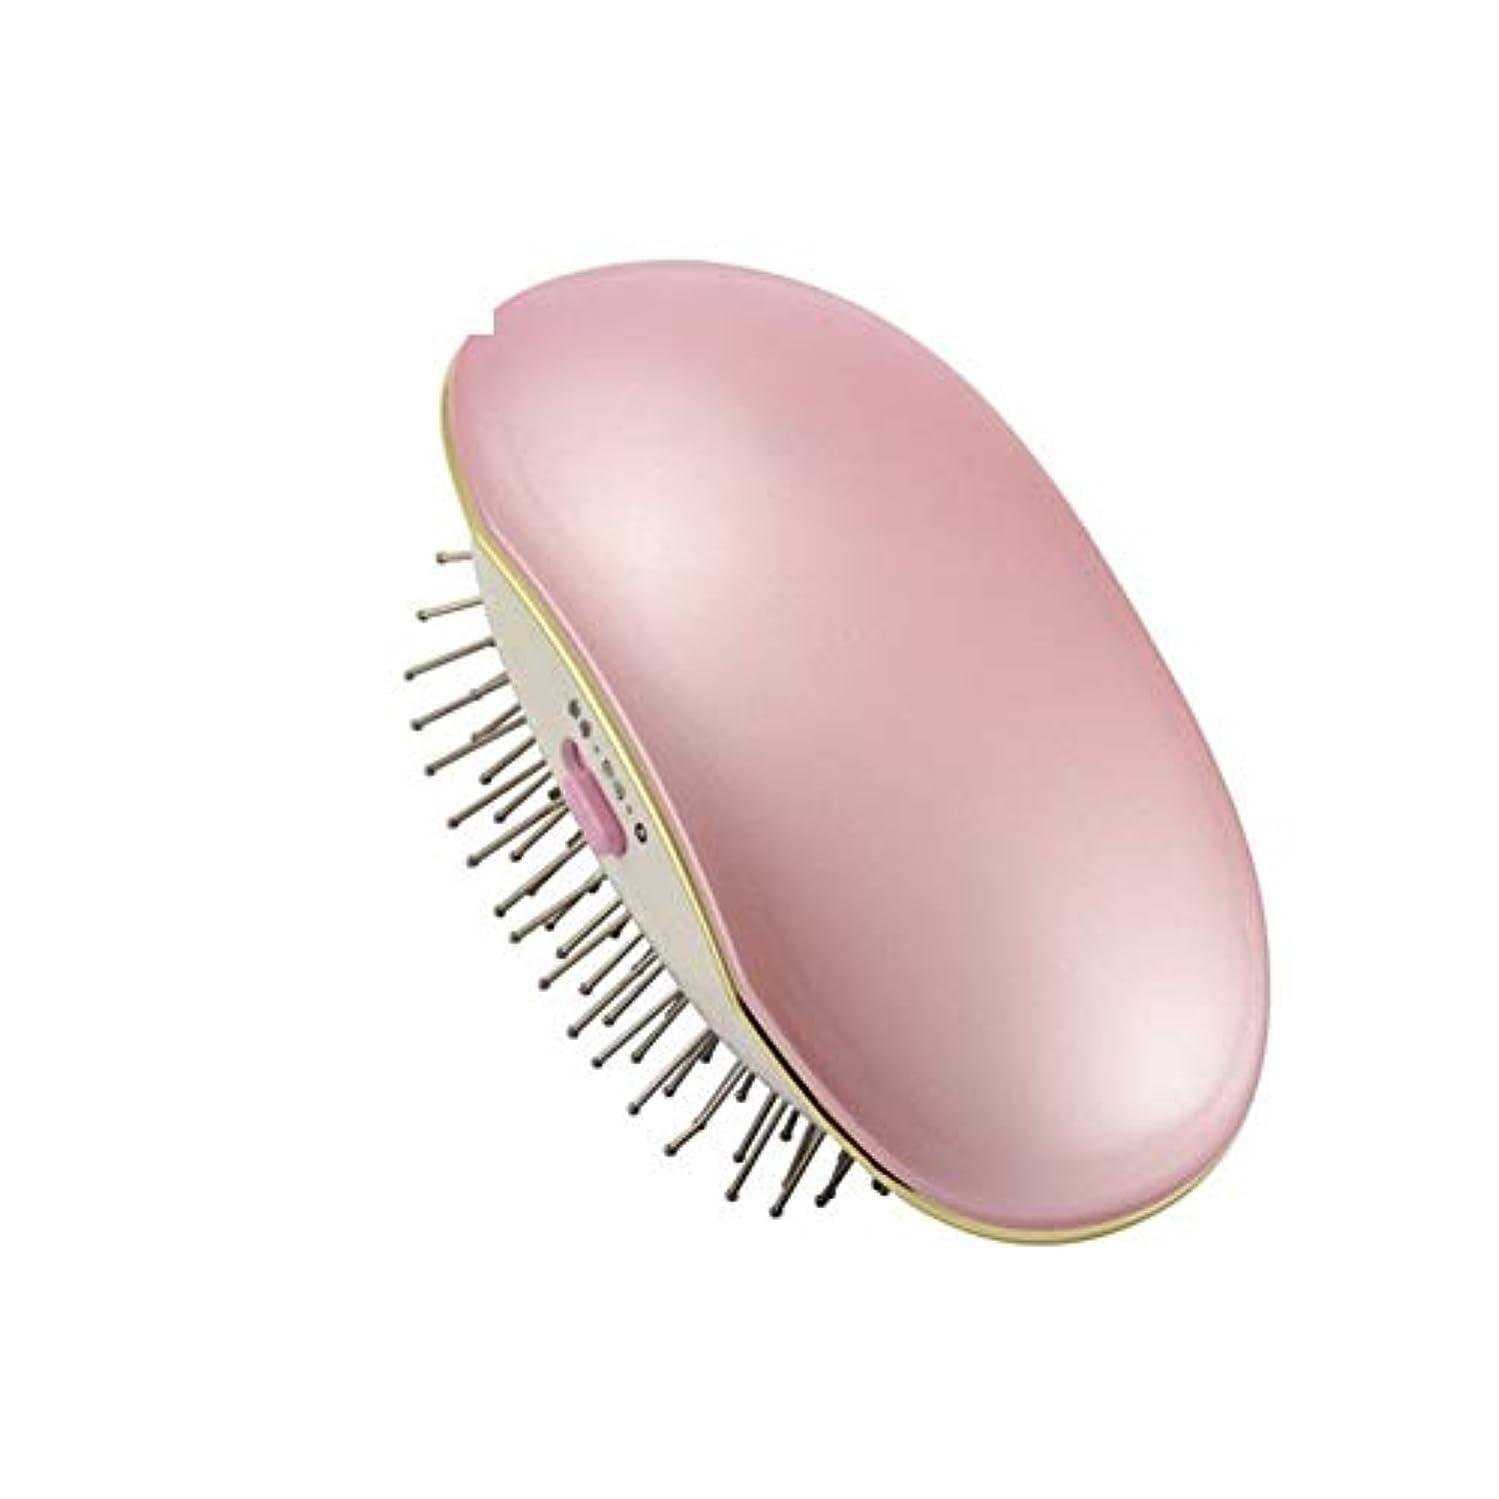 がんばり続ける可動式サイクルLizhenhua ポータブル電気イオンブラシ櫛イオン完璧な矯正スタイラーアイロンブラシケア矯正電気アイロンブラシ (Color : Pink)